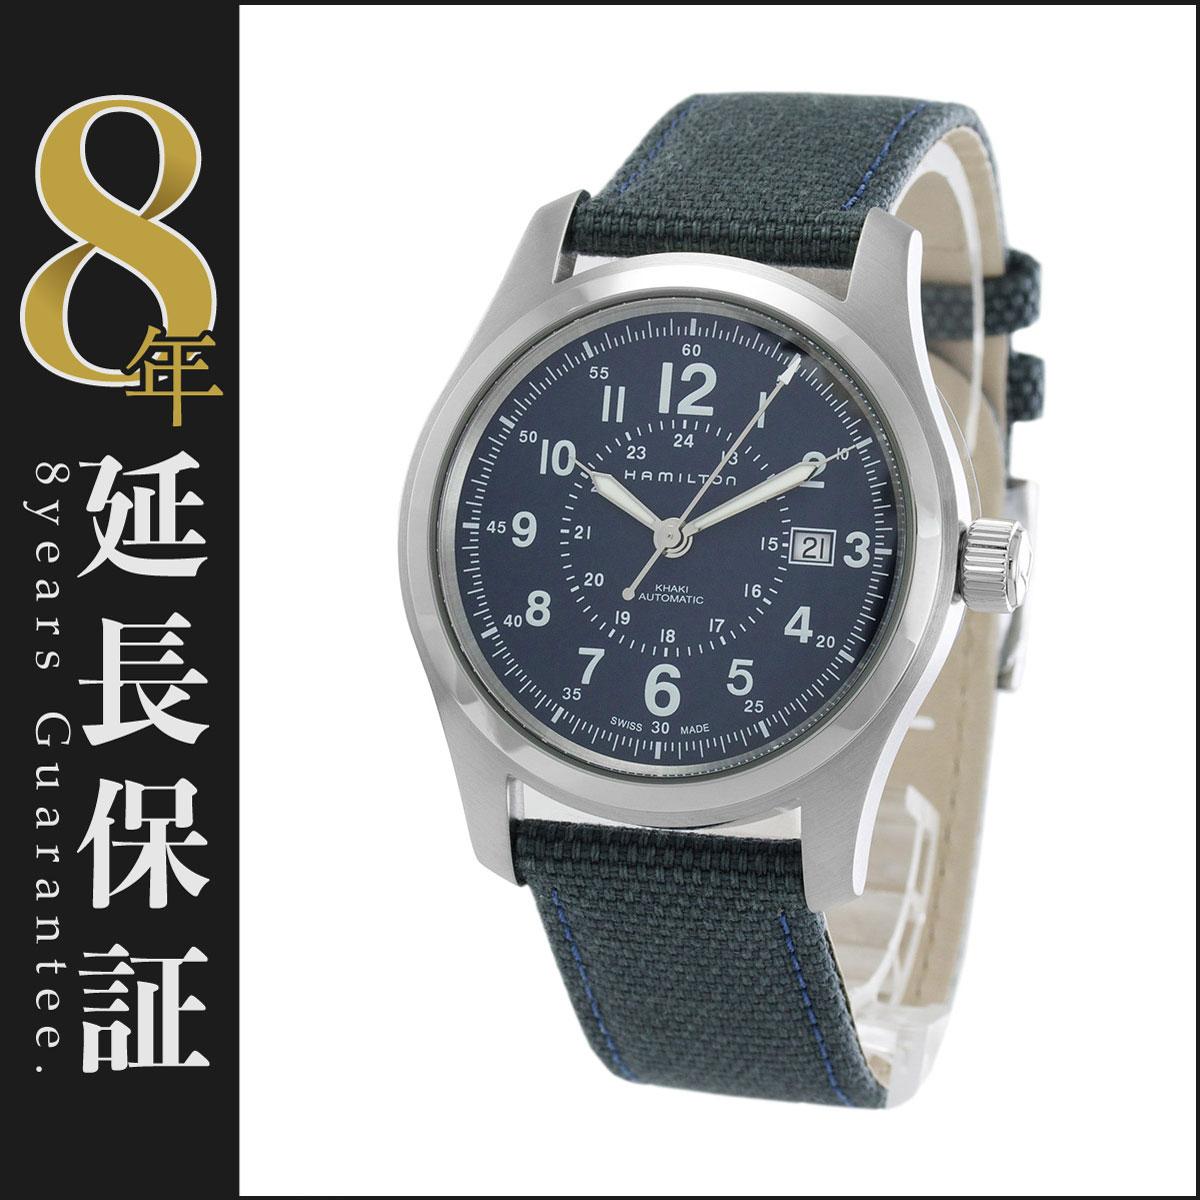 ハミルトン HAMILTON 腕時計 カーキ フィールド キャンパスレザー メンズ H70605943_8